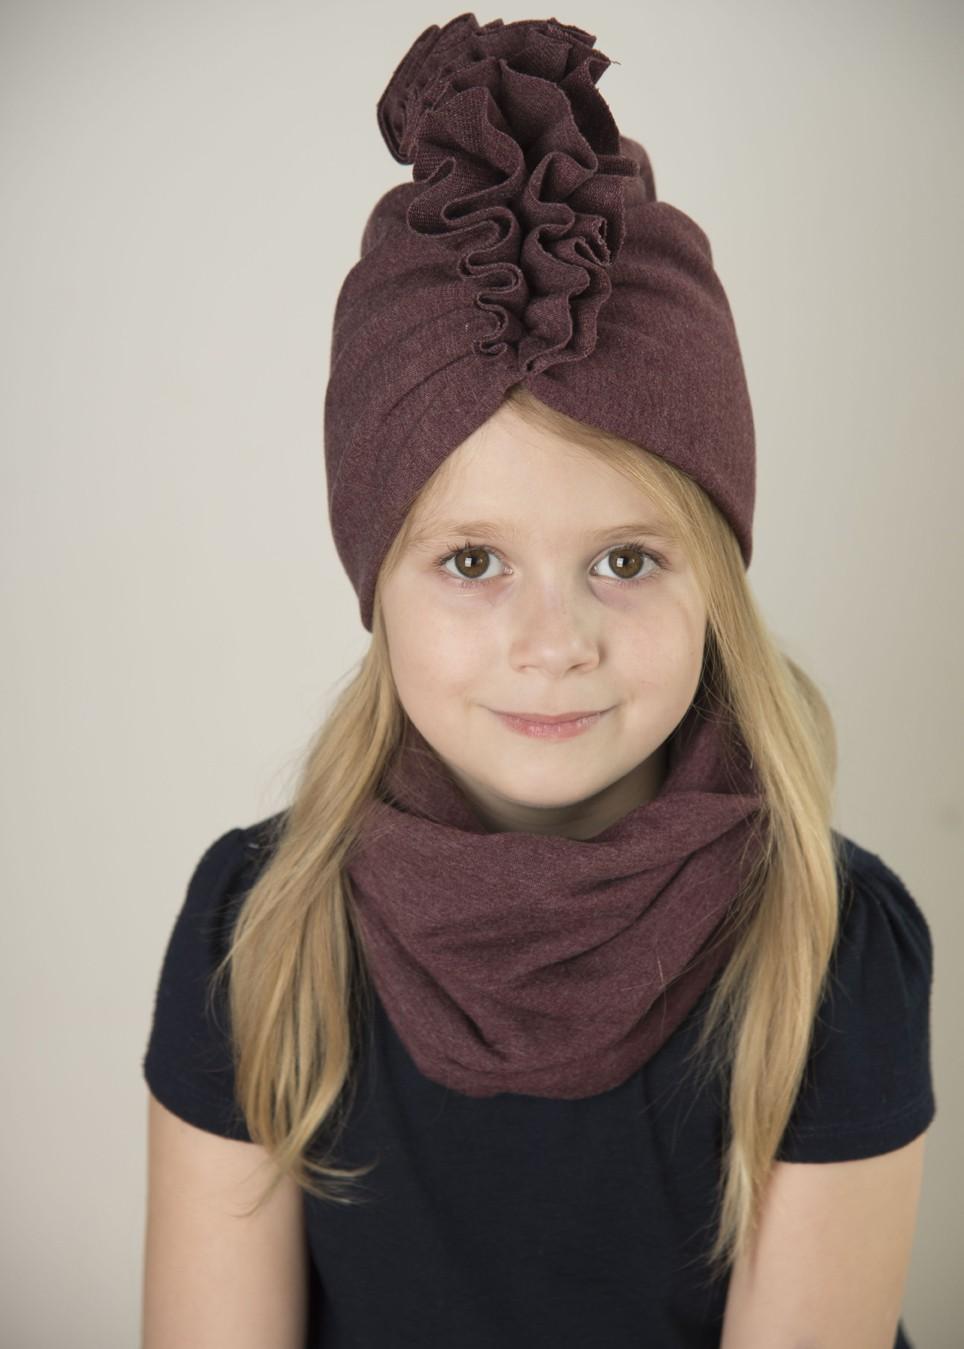 Zestaw Turban + Komin dla dzieci kolor bordo